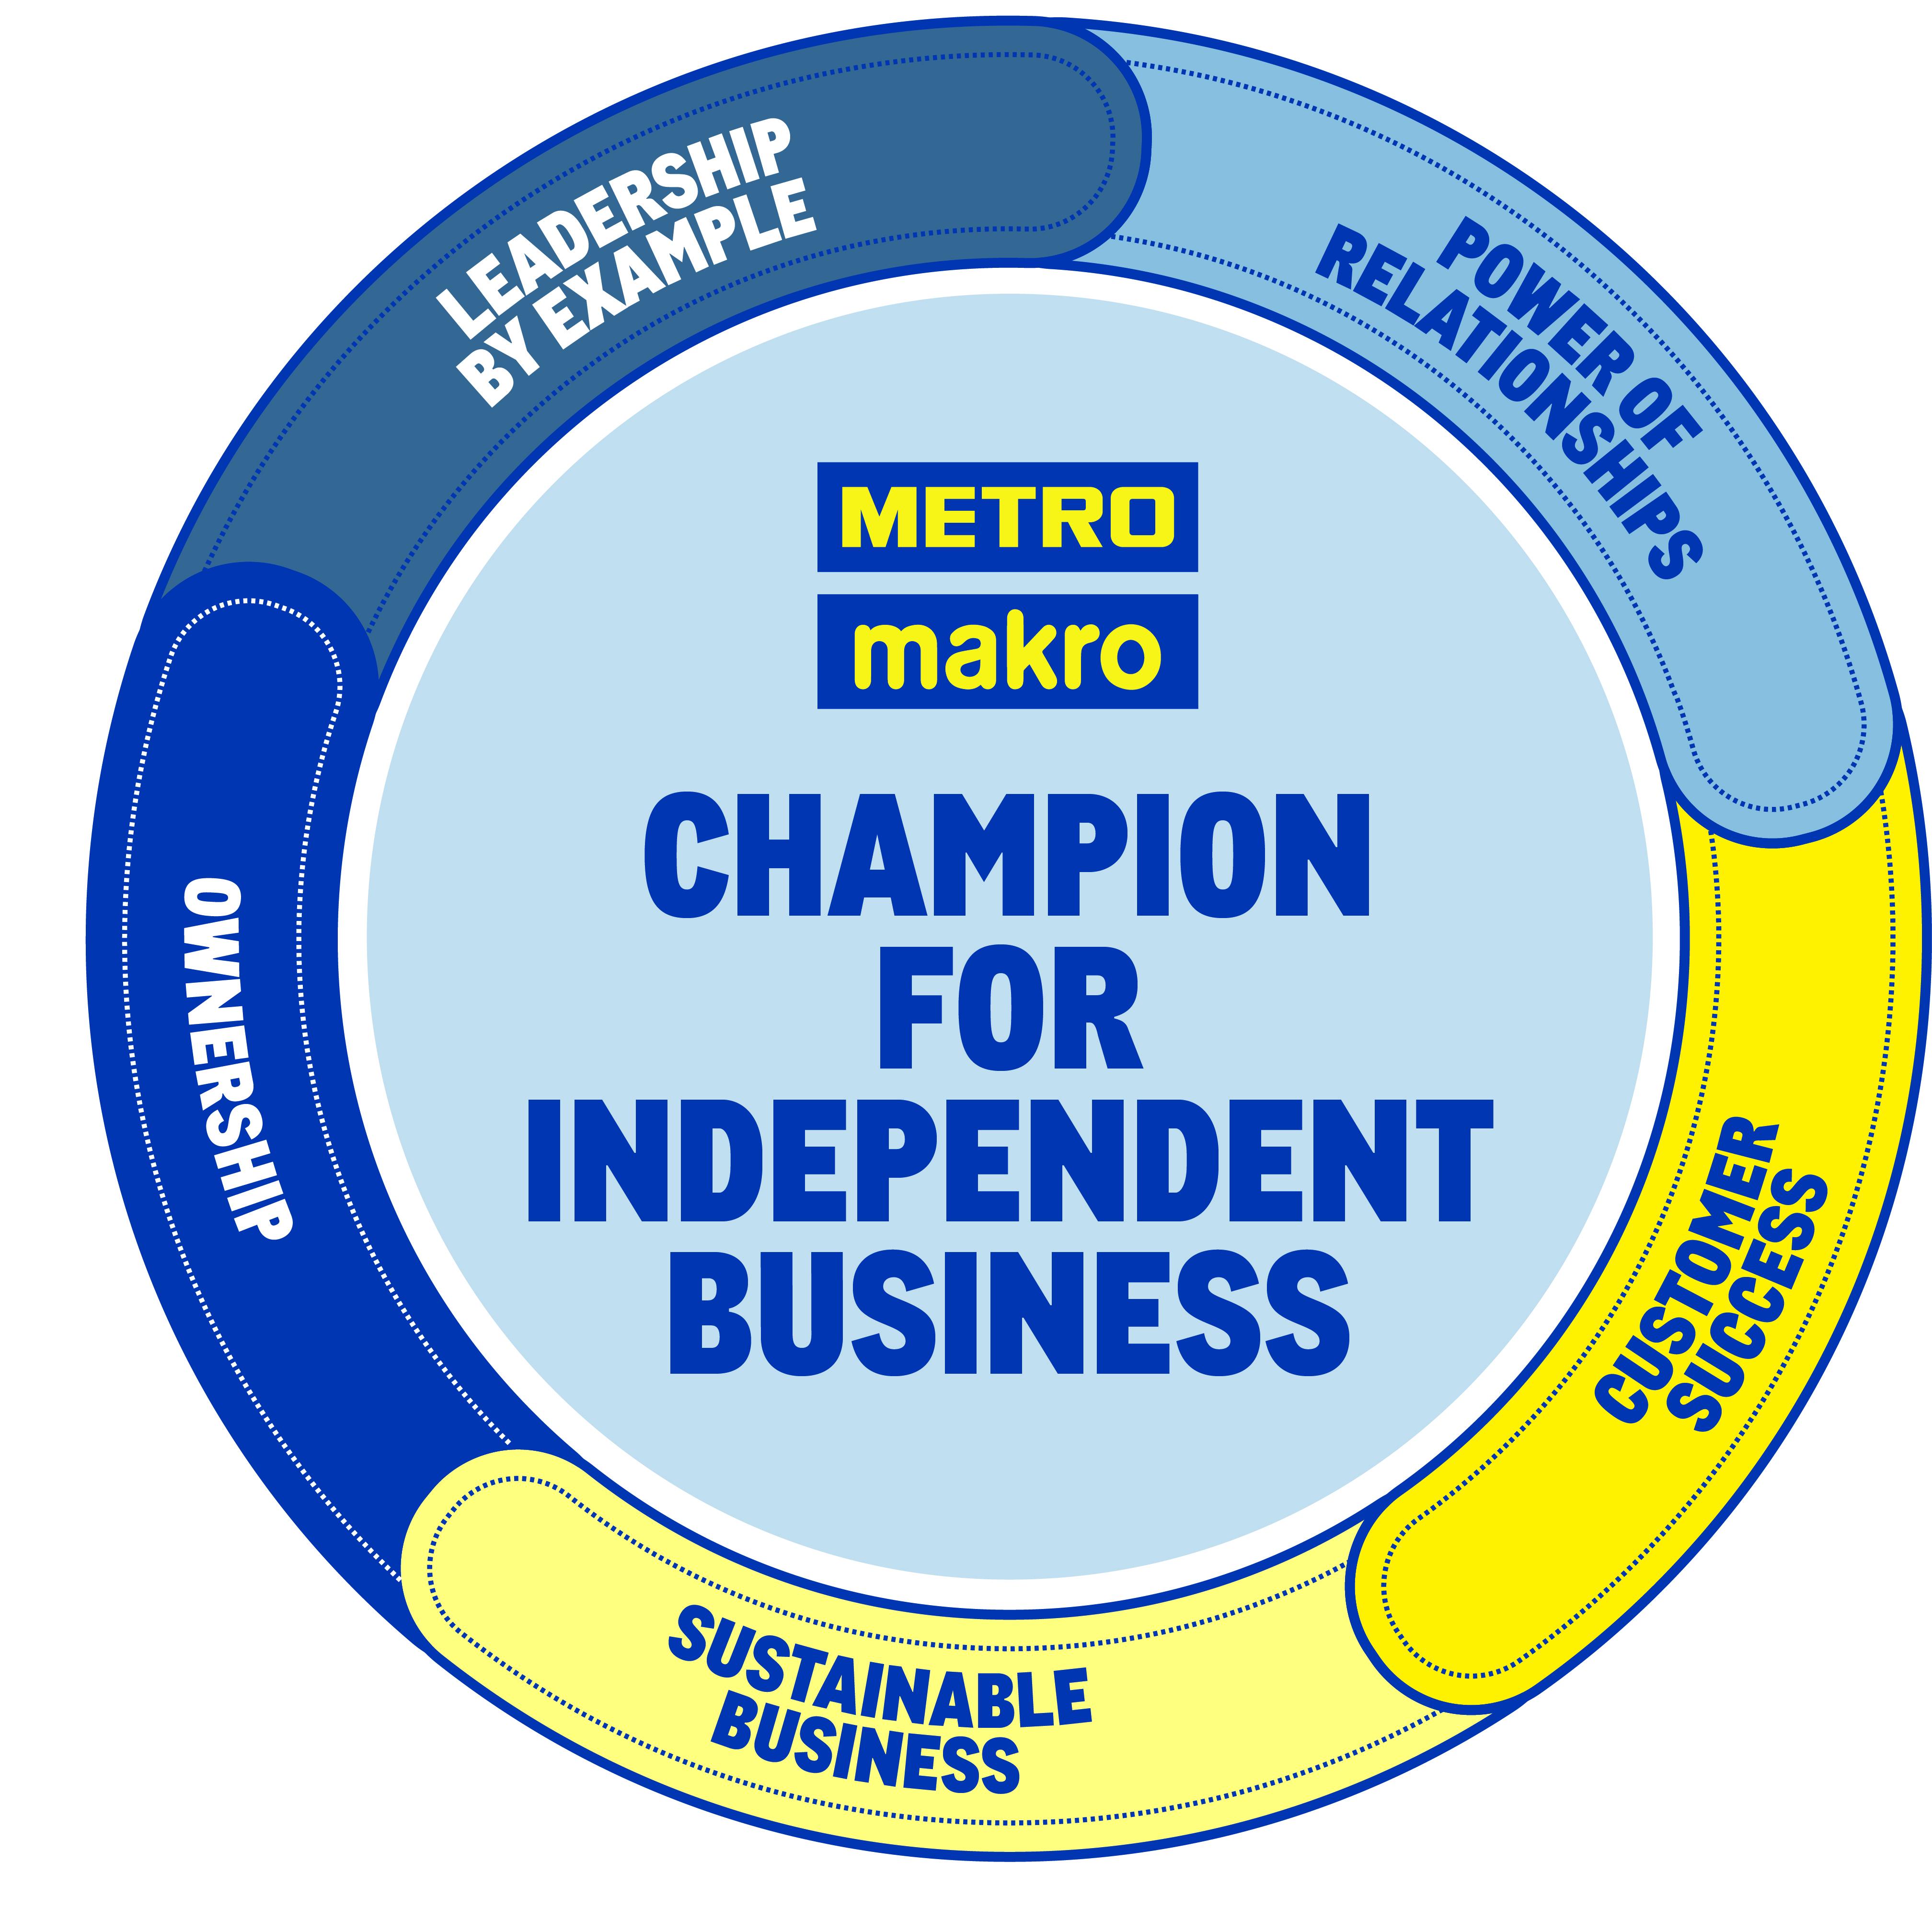 makro guiding principles